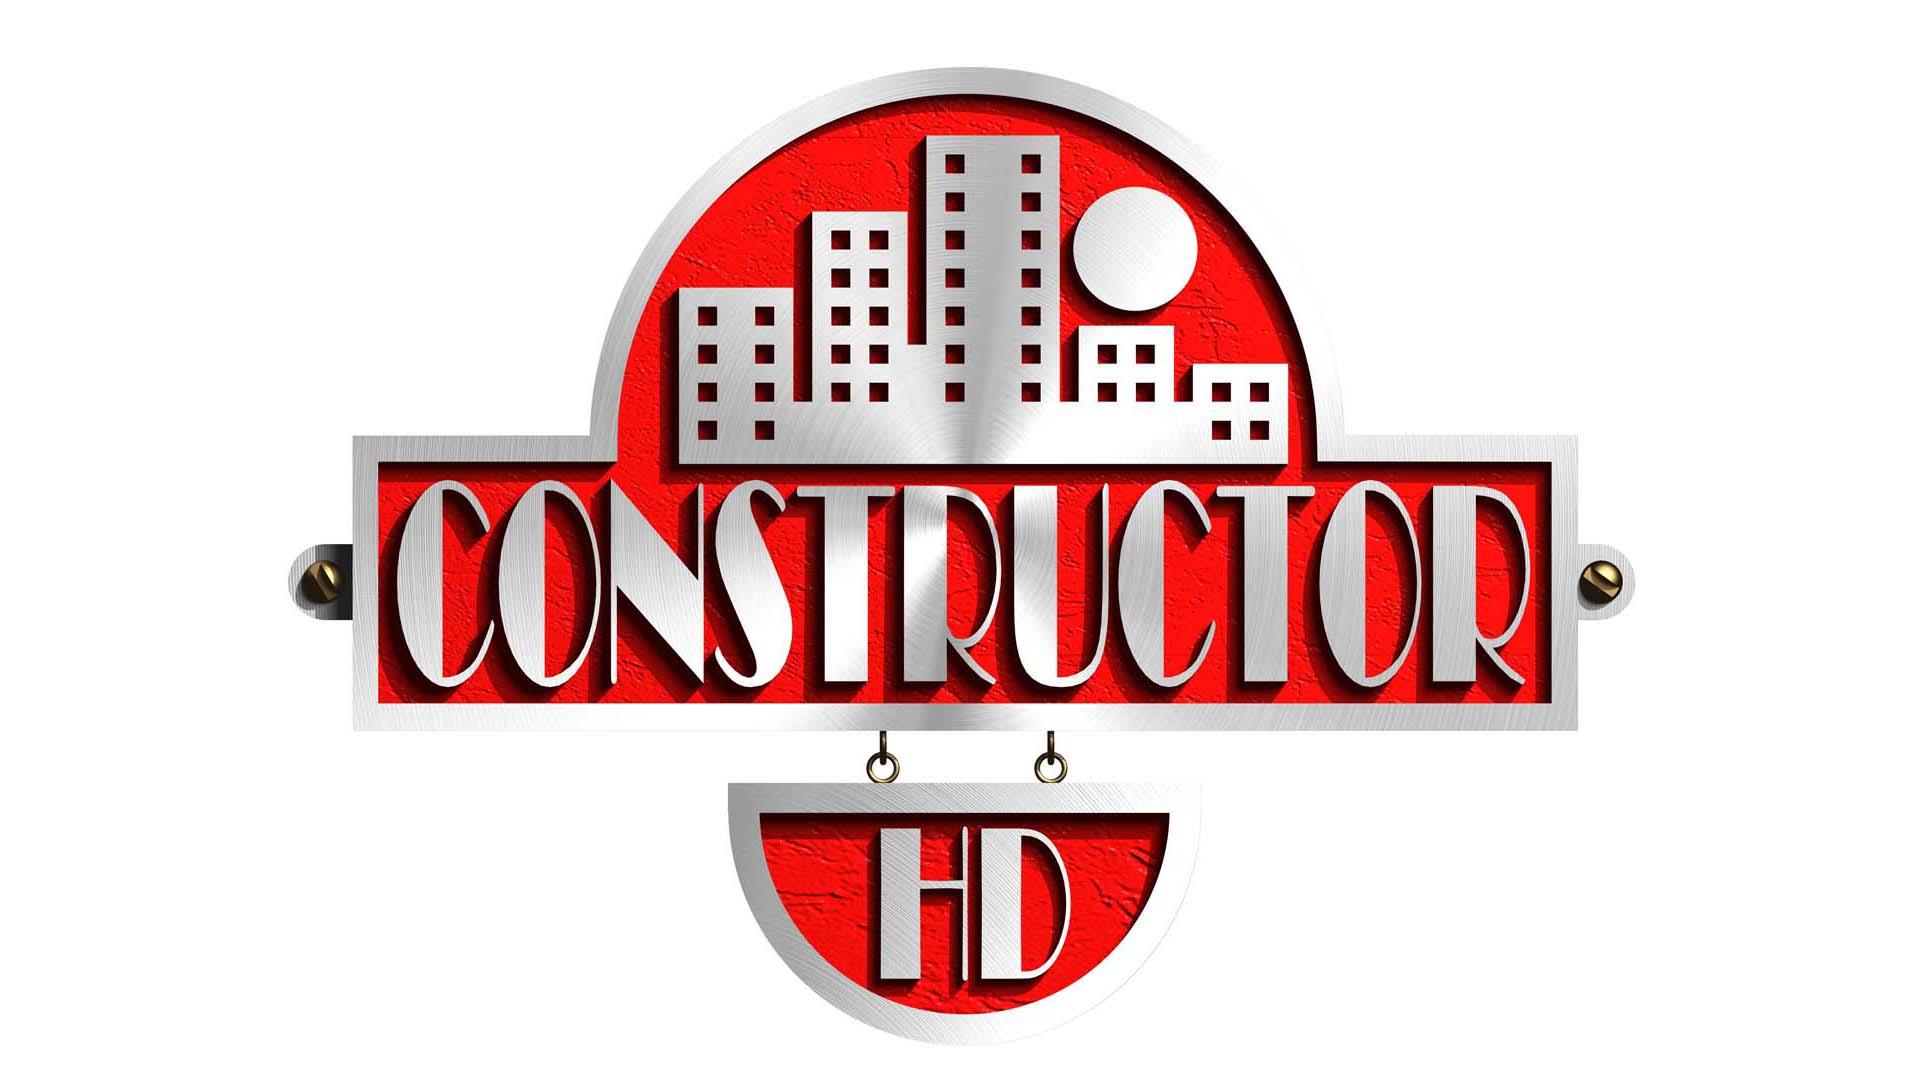 Legendäres Aufbauspiel Constructor kehrt nach 20 Jahren am 28. April zurück